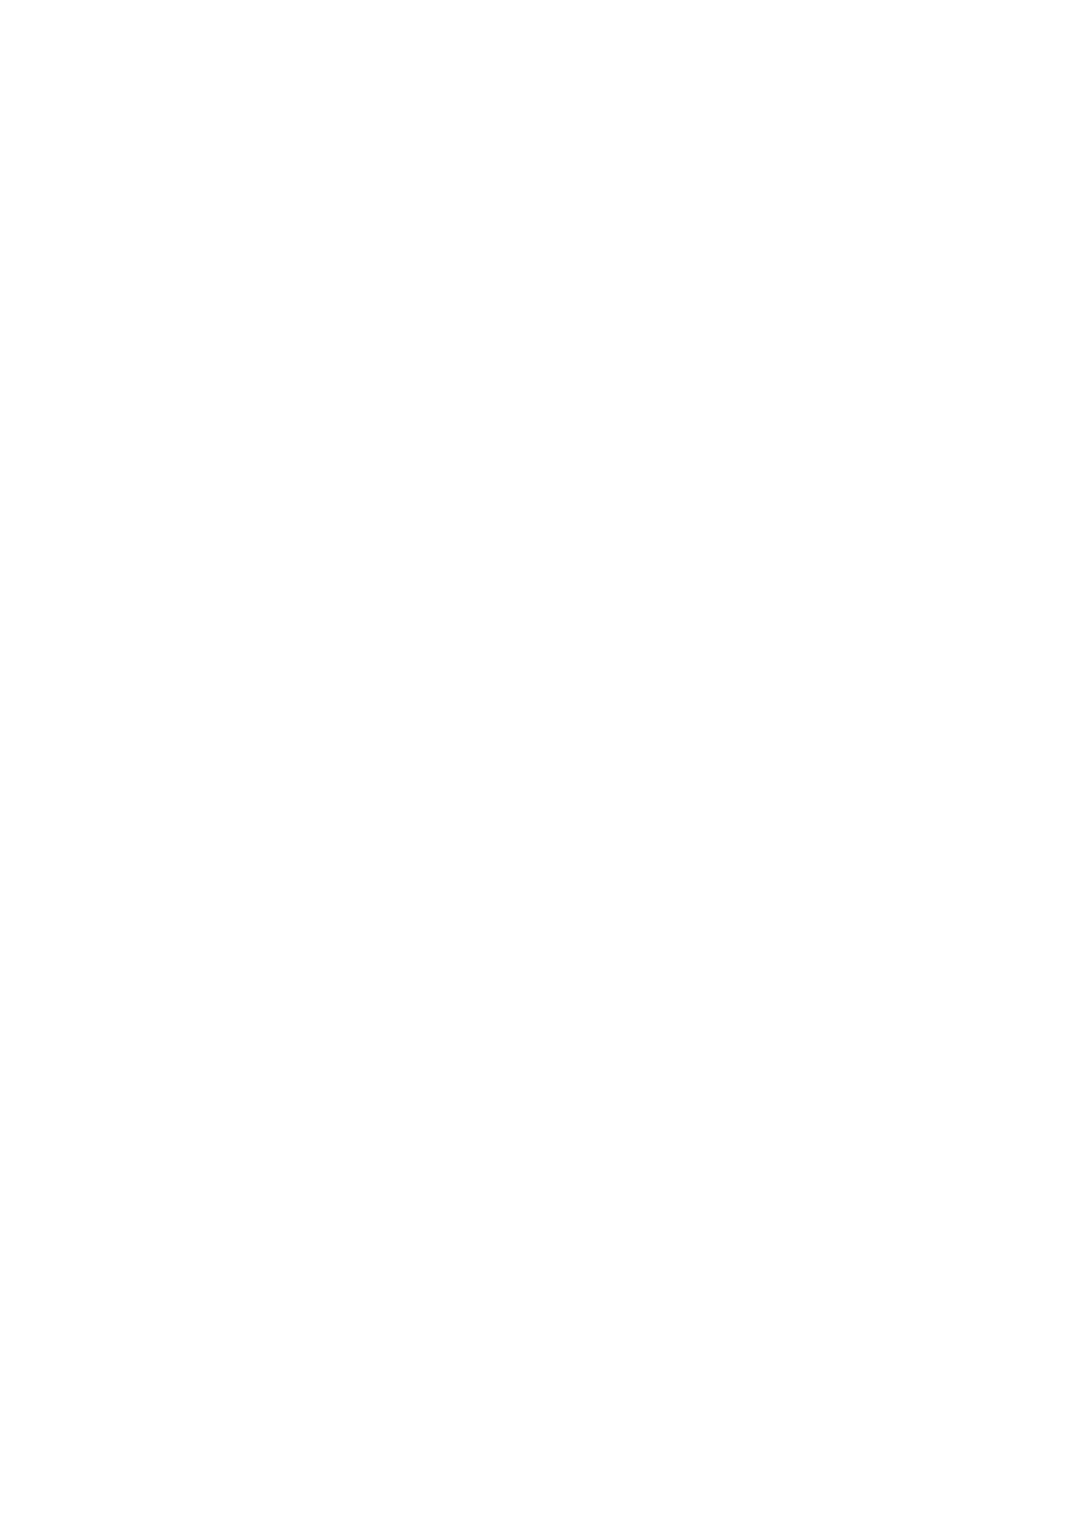 【エロ漫画】【エロ漫画】海の家で一緒に働く同僚の彼氏を仕事中にオナニーしながら誘惑する肉食爆乳彼女…濡れ濡れの状態で発情しまくり押しに負けた彼氏と激しい汗だく生ハメセックスしまくり絶頂しまくる【養酒オヘペ:早苗さんは我慢が出来ない。】